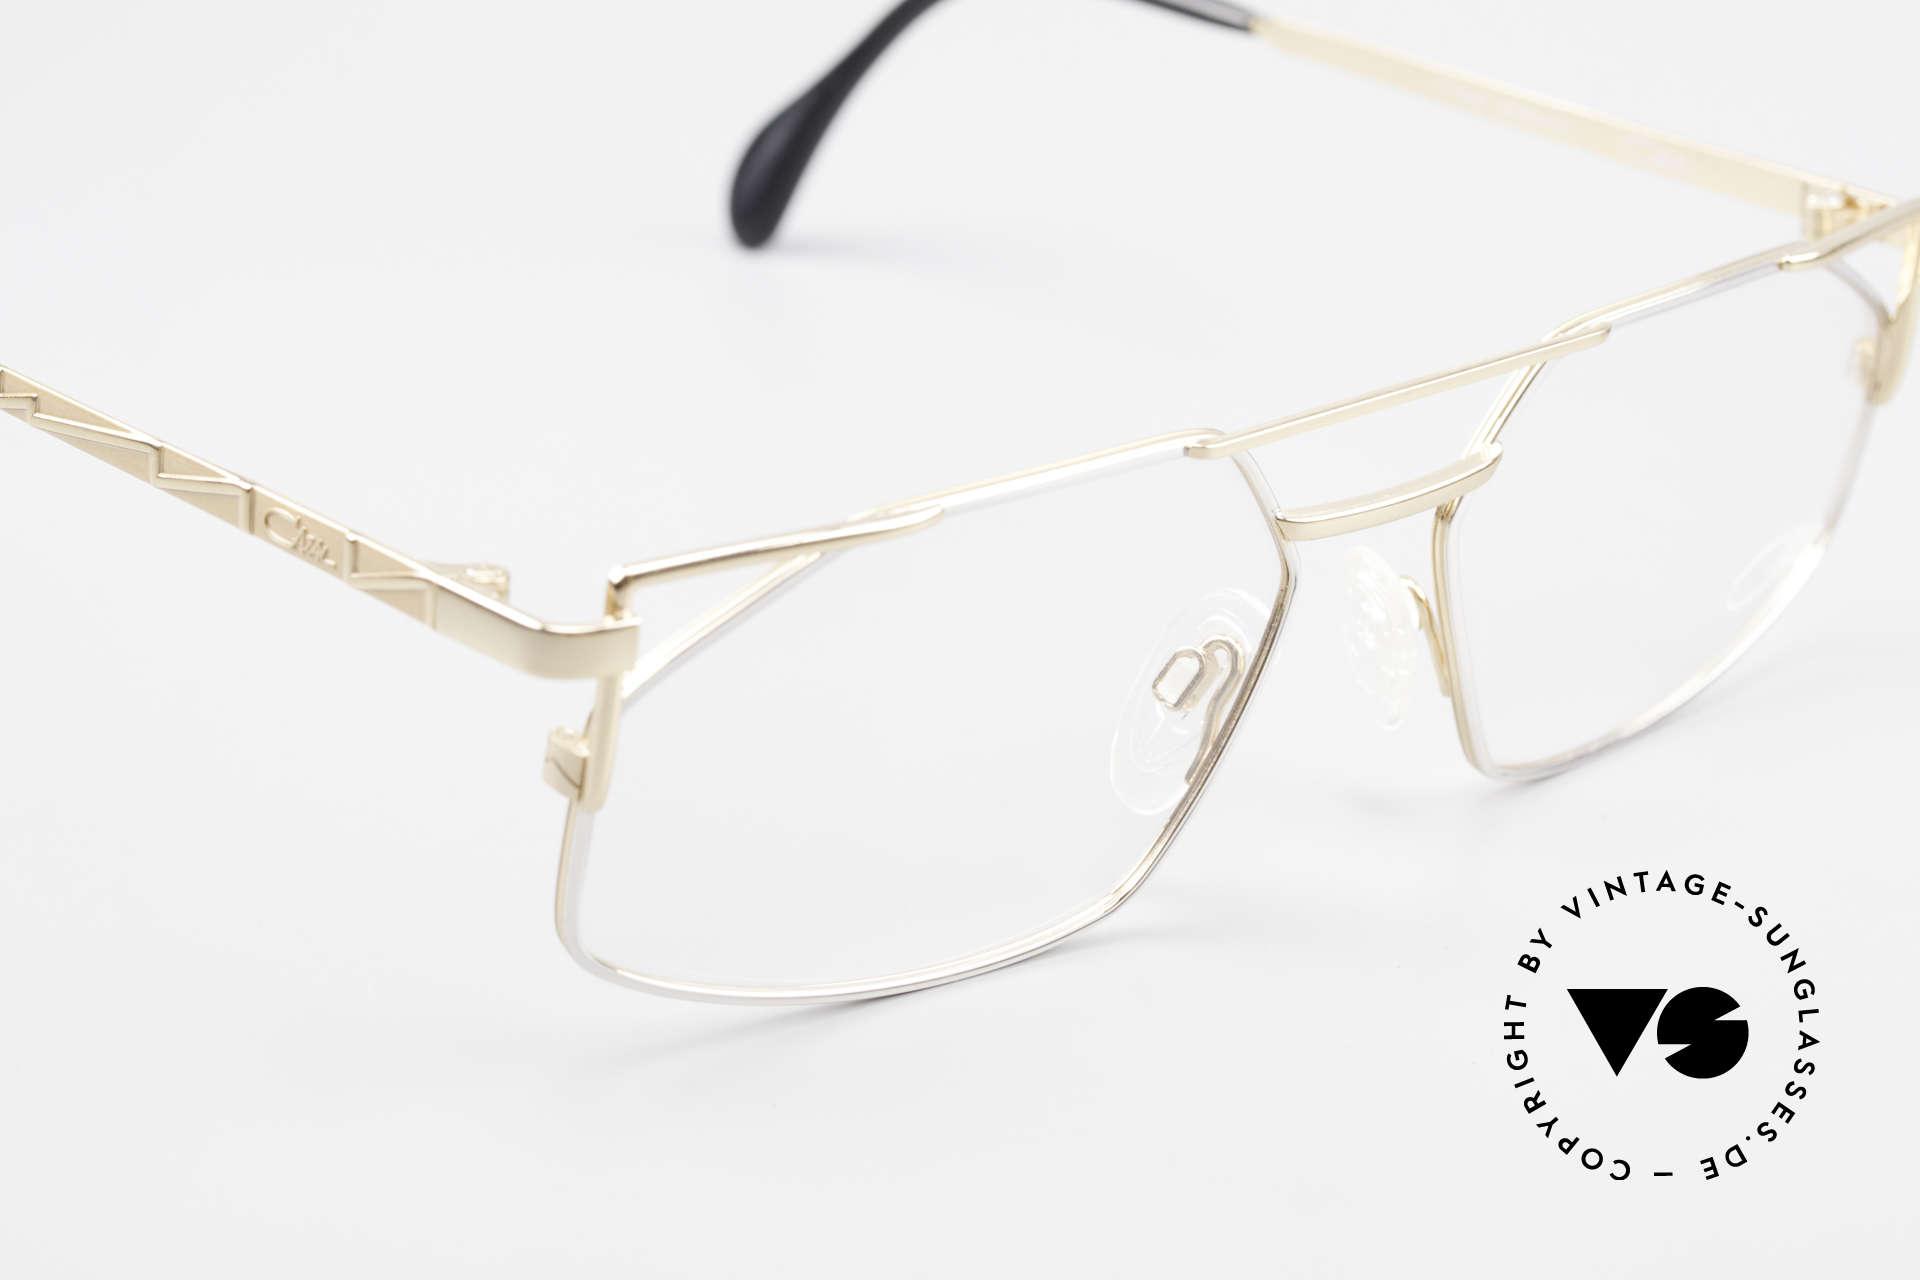 Cazal 751 Eckige Alte 90er Designerbrille, ungetragenes Exemplar in Größe 58-16, 140 (LARGE), Passend für Herren